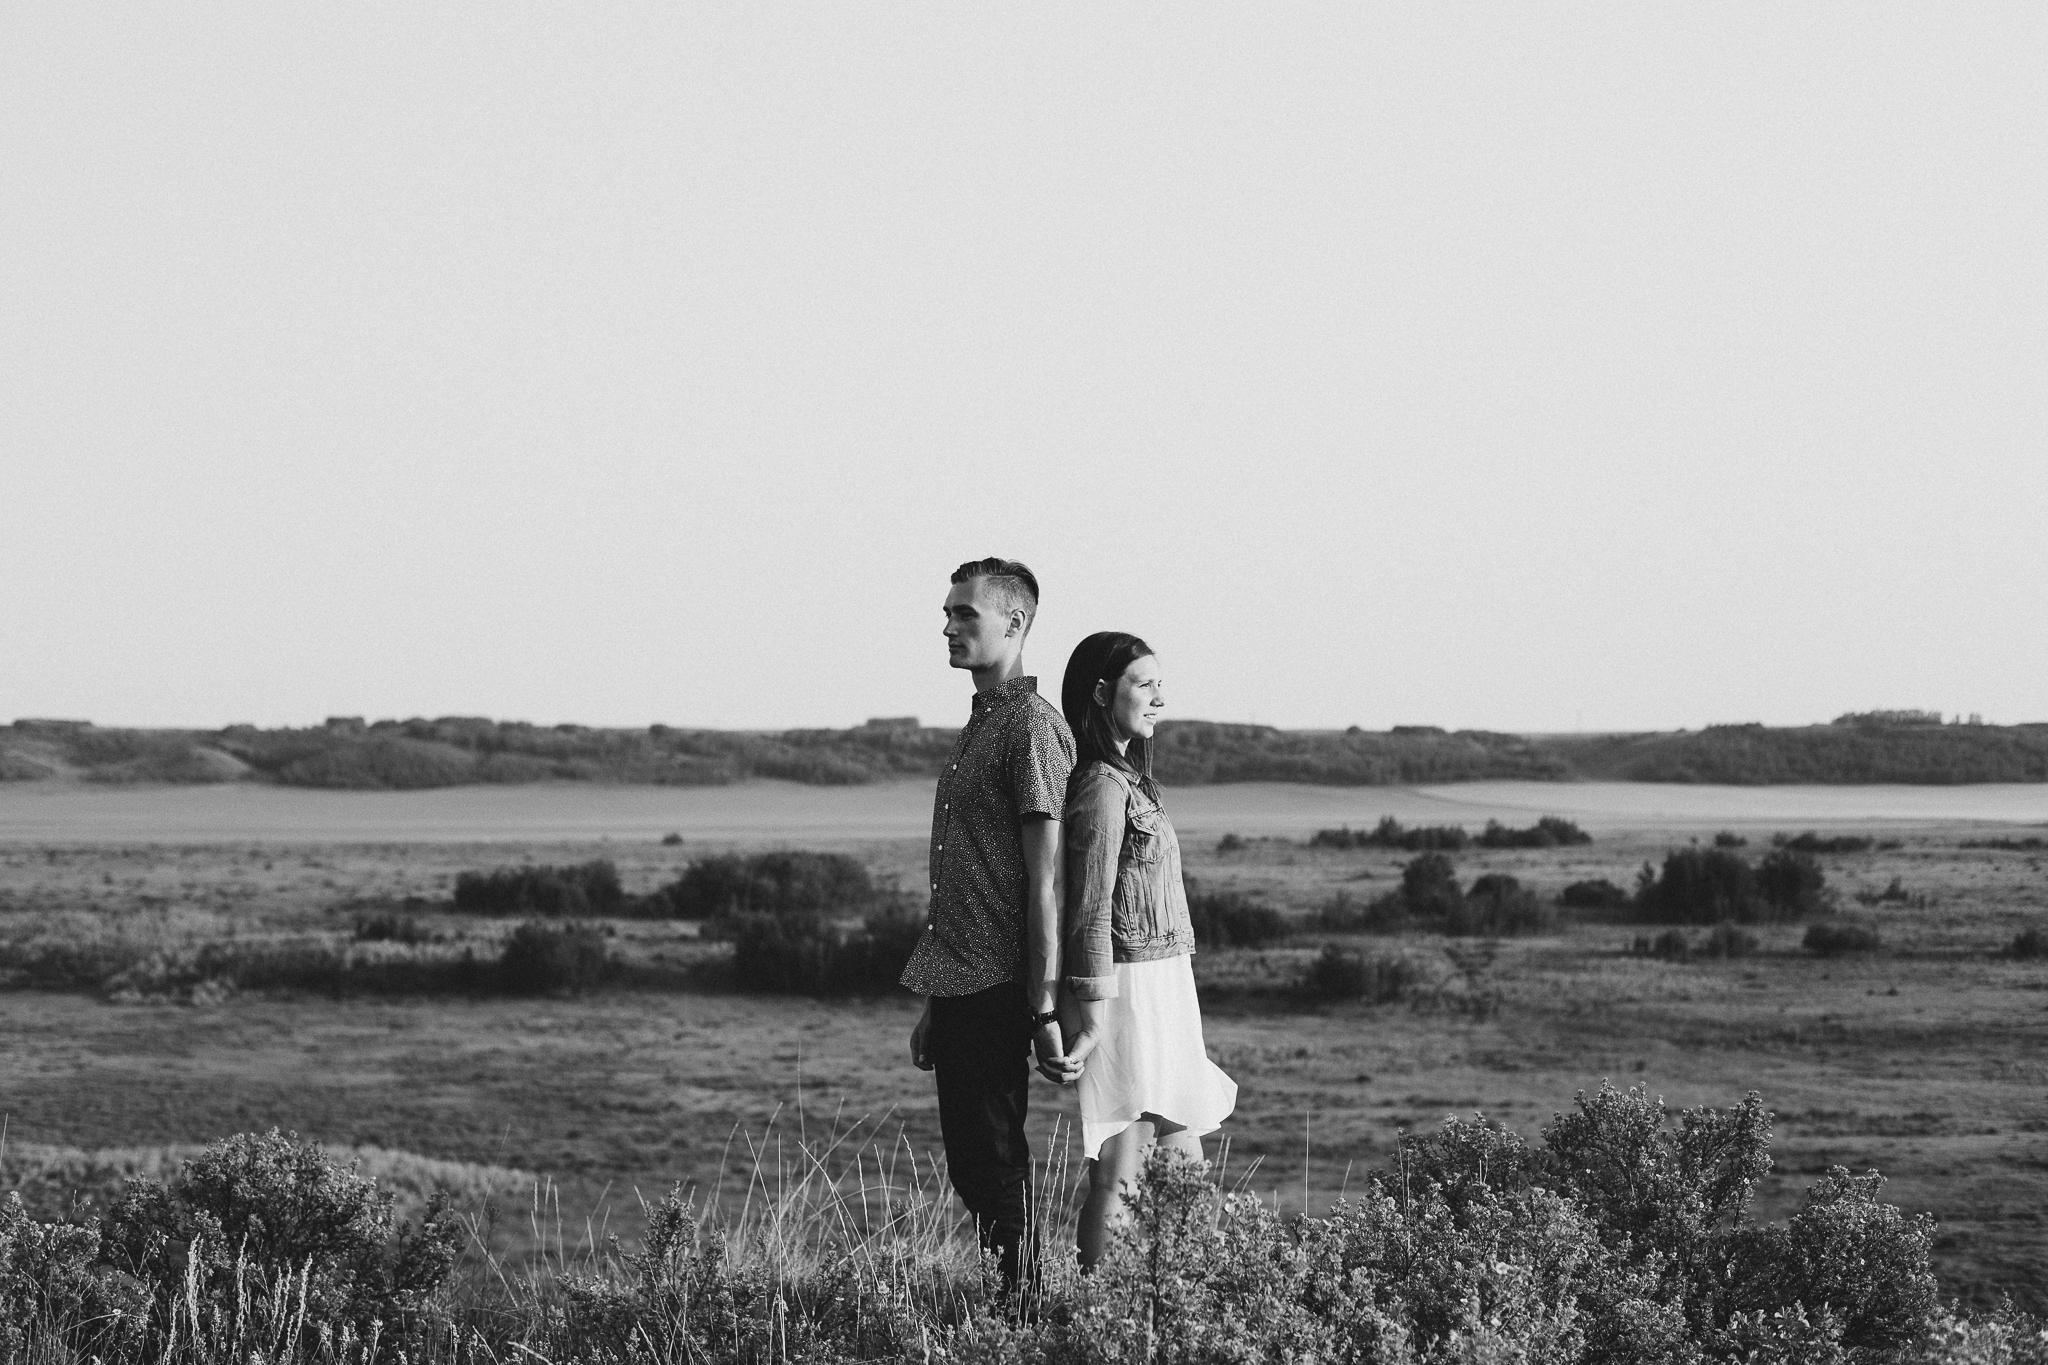 calgary-engagement-photographer012.jpg